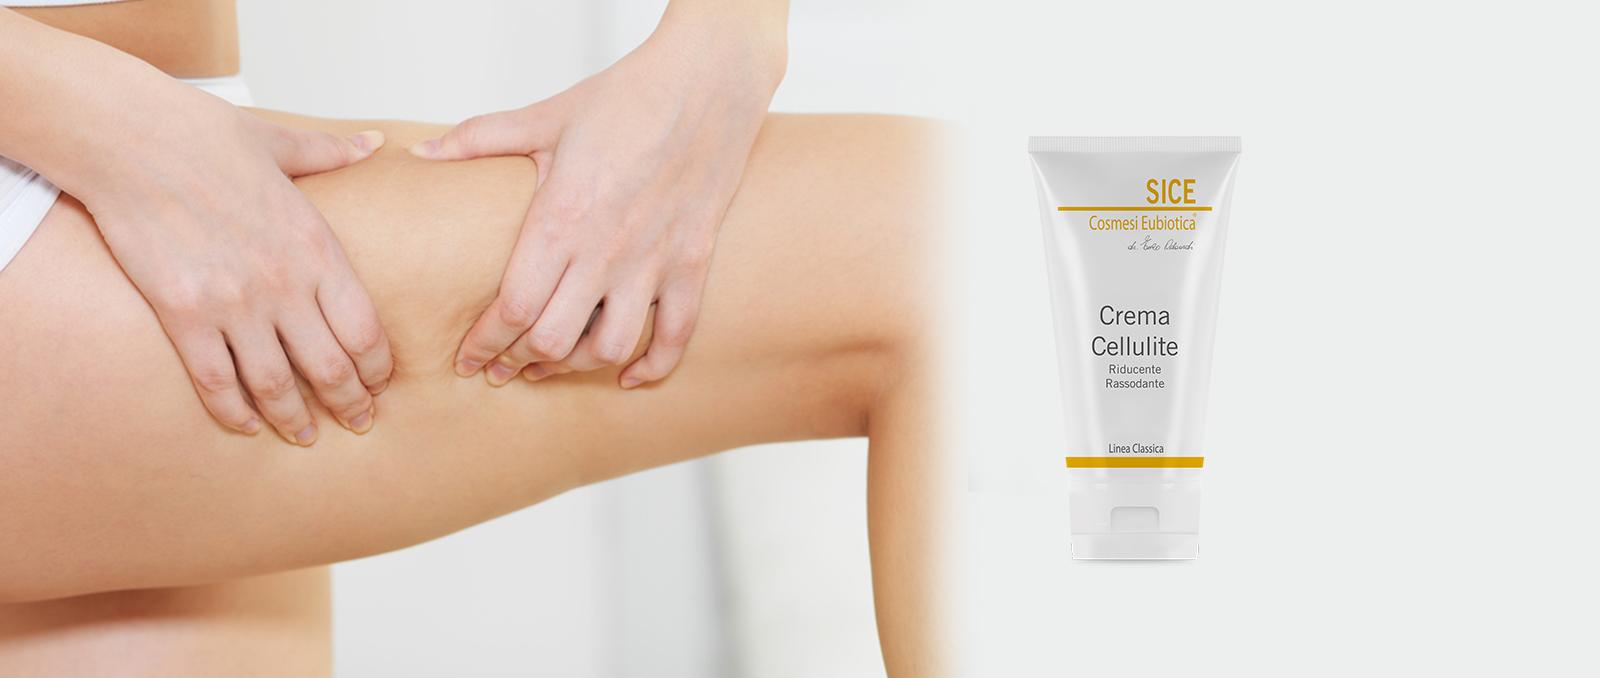 crema cellulite riducente rassodante corpo sice eubiotica header